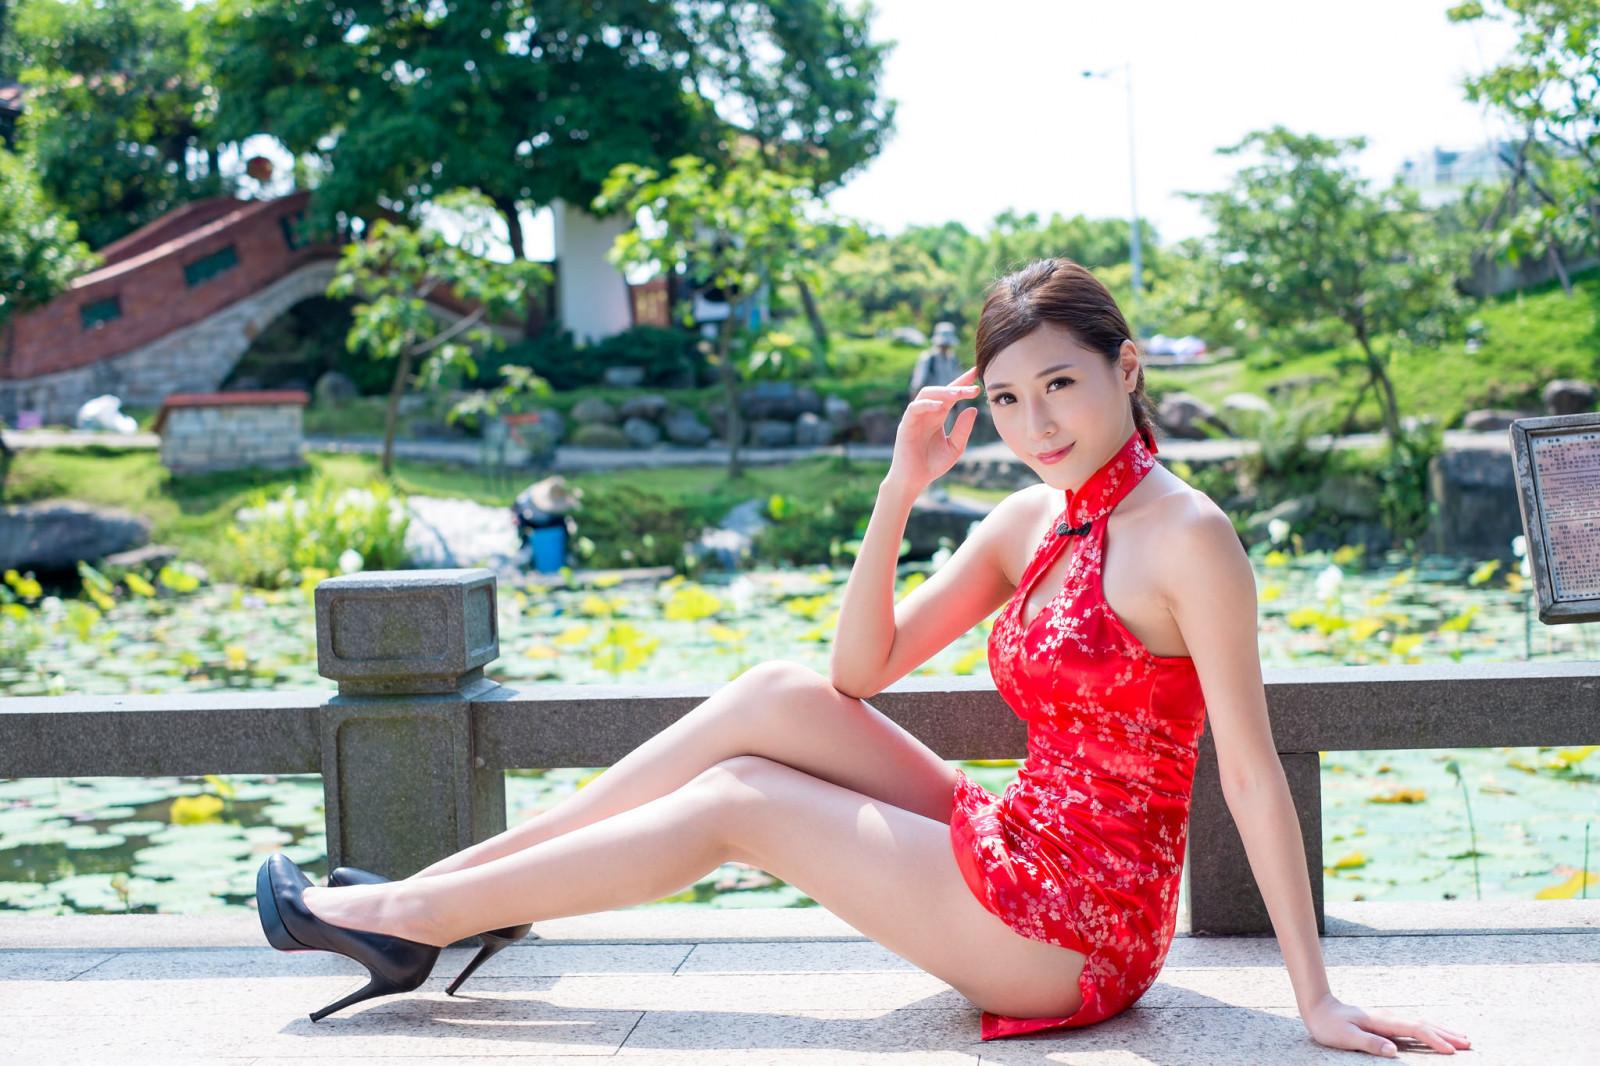 fat-asian-girls-in-high-heels-sexy-nude-teens-teenie-sex